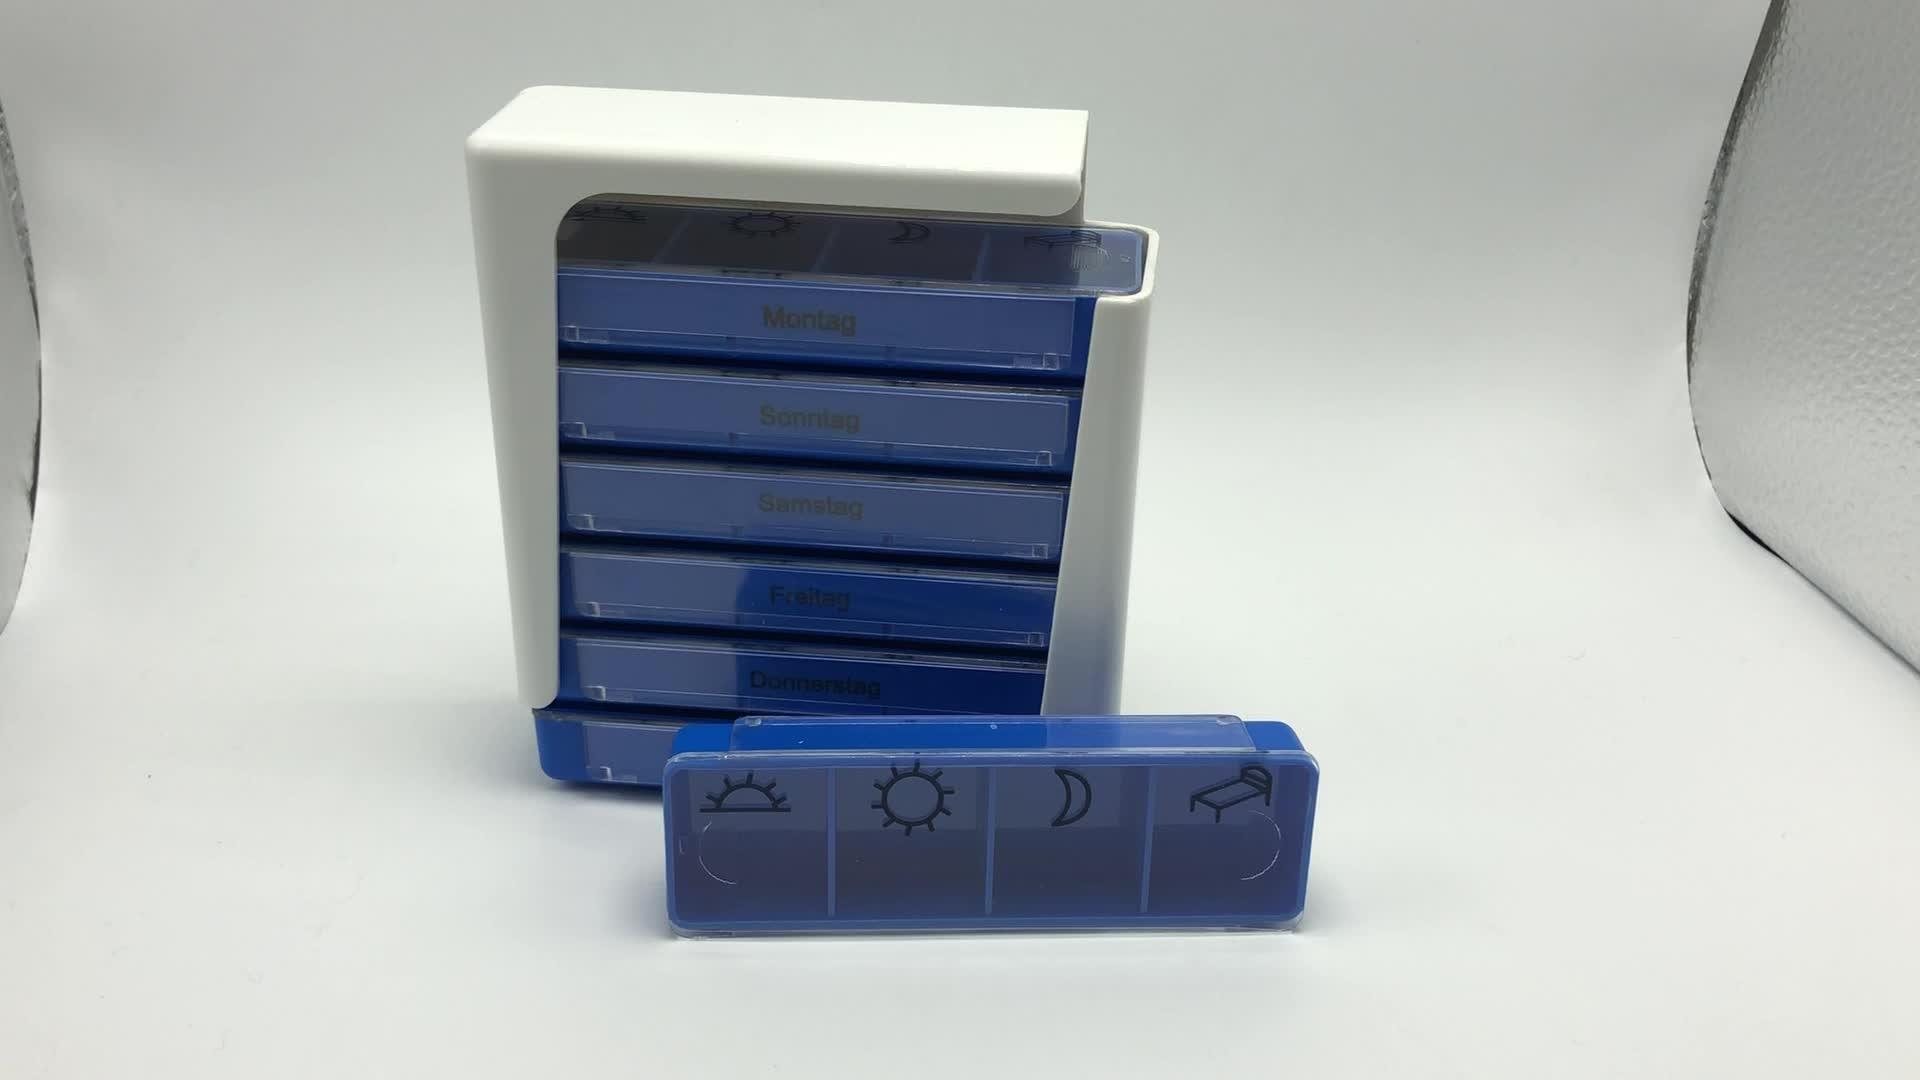 Precio de fabricación de caja de la píldora 7 días llegan nuevos 2019 Farmacia de plástico caja de la píldora